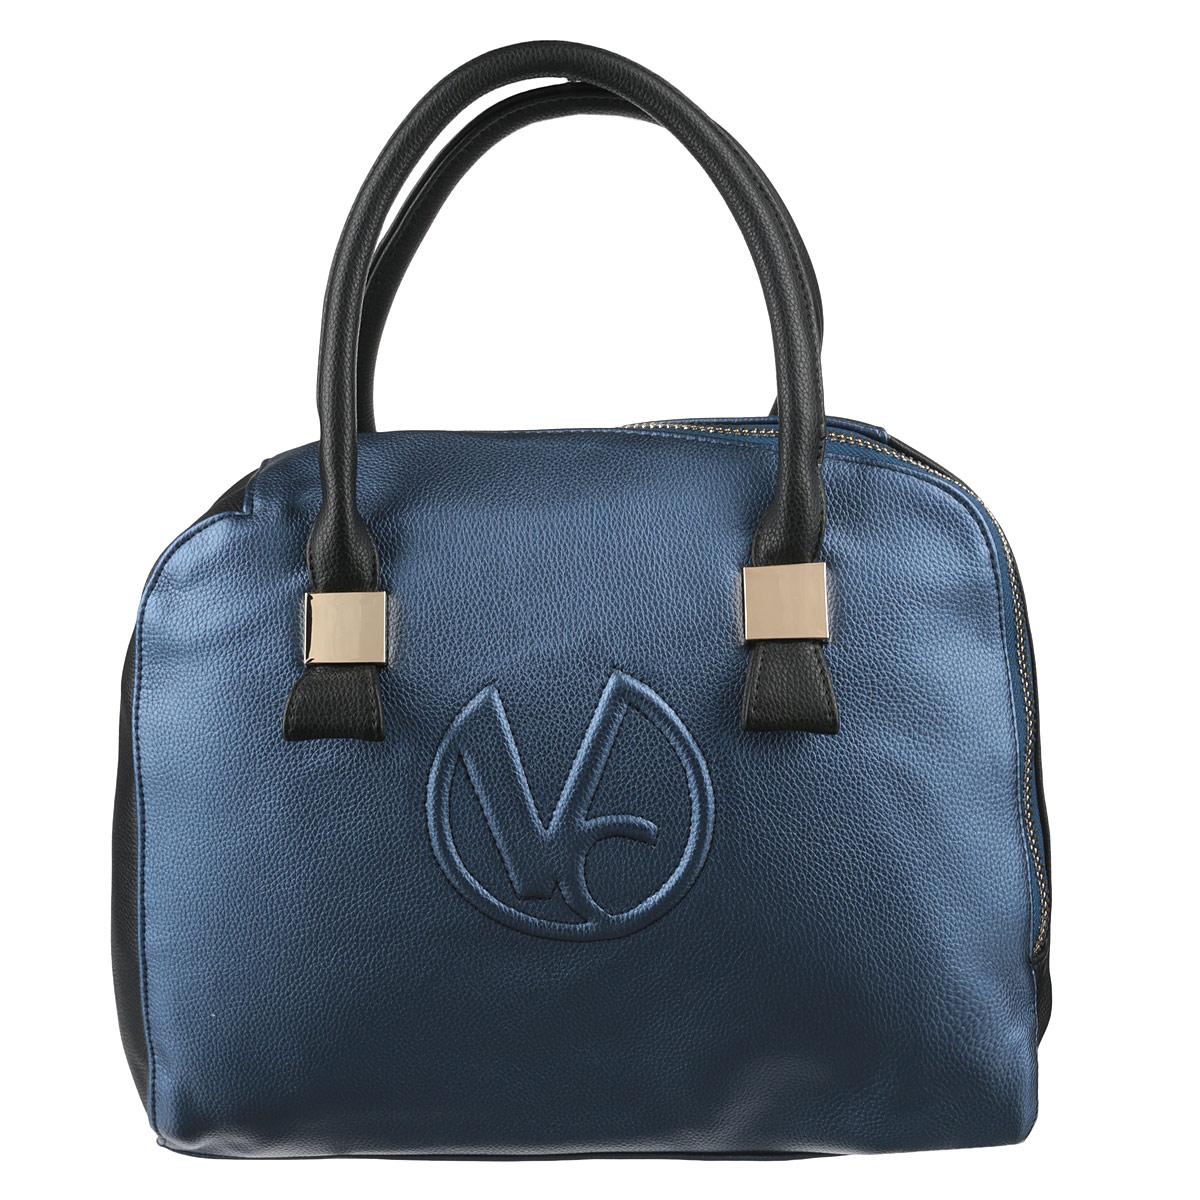 Сумка женская Vitacci, цвет: синий. V090V090Стильная женская сумка Vitacci изготовлена из высококачественной искусственной кожи. Застежка-молния расположена по диагонали, что придает изделию неповторимую оригинальность. Удобные ручки прочно крепятся к корпусу сумки при помощи металлической фурнитуры. Внутреннее отделение содержит два кармана на застежках-молниях, которые образуют открытый карман, и два накладных кармашка для мелочей и мобильного телефона. Тыльная сторона сумки дополнена врезным карманом на застежке-молнии. Дно защищено от повреждений металлическими ножками. Фурнитура золотистого цвета. Сумка - это стильный аксессуар, который подчеркнет вашу изысканность и индивидуальность и сделает ваш образ завершенным. Изделие упаковано в фирменный чехол.